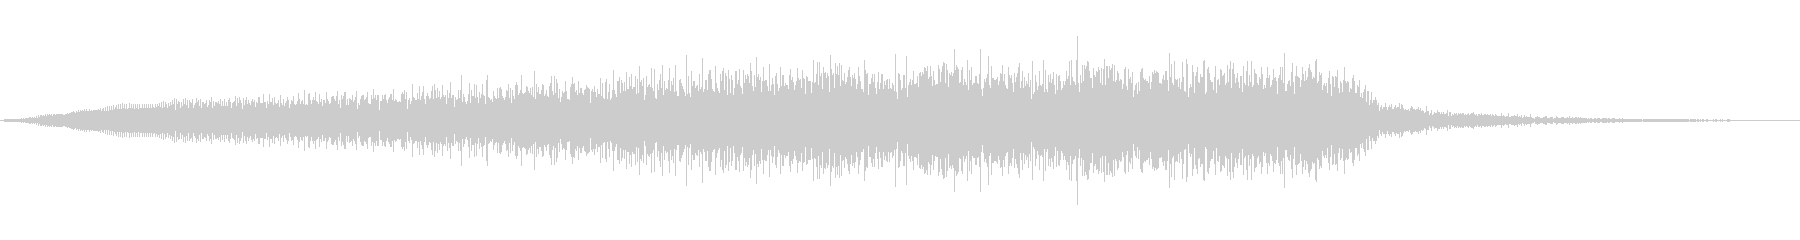 ジングル101nの未再生の波形